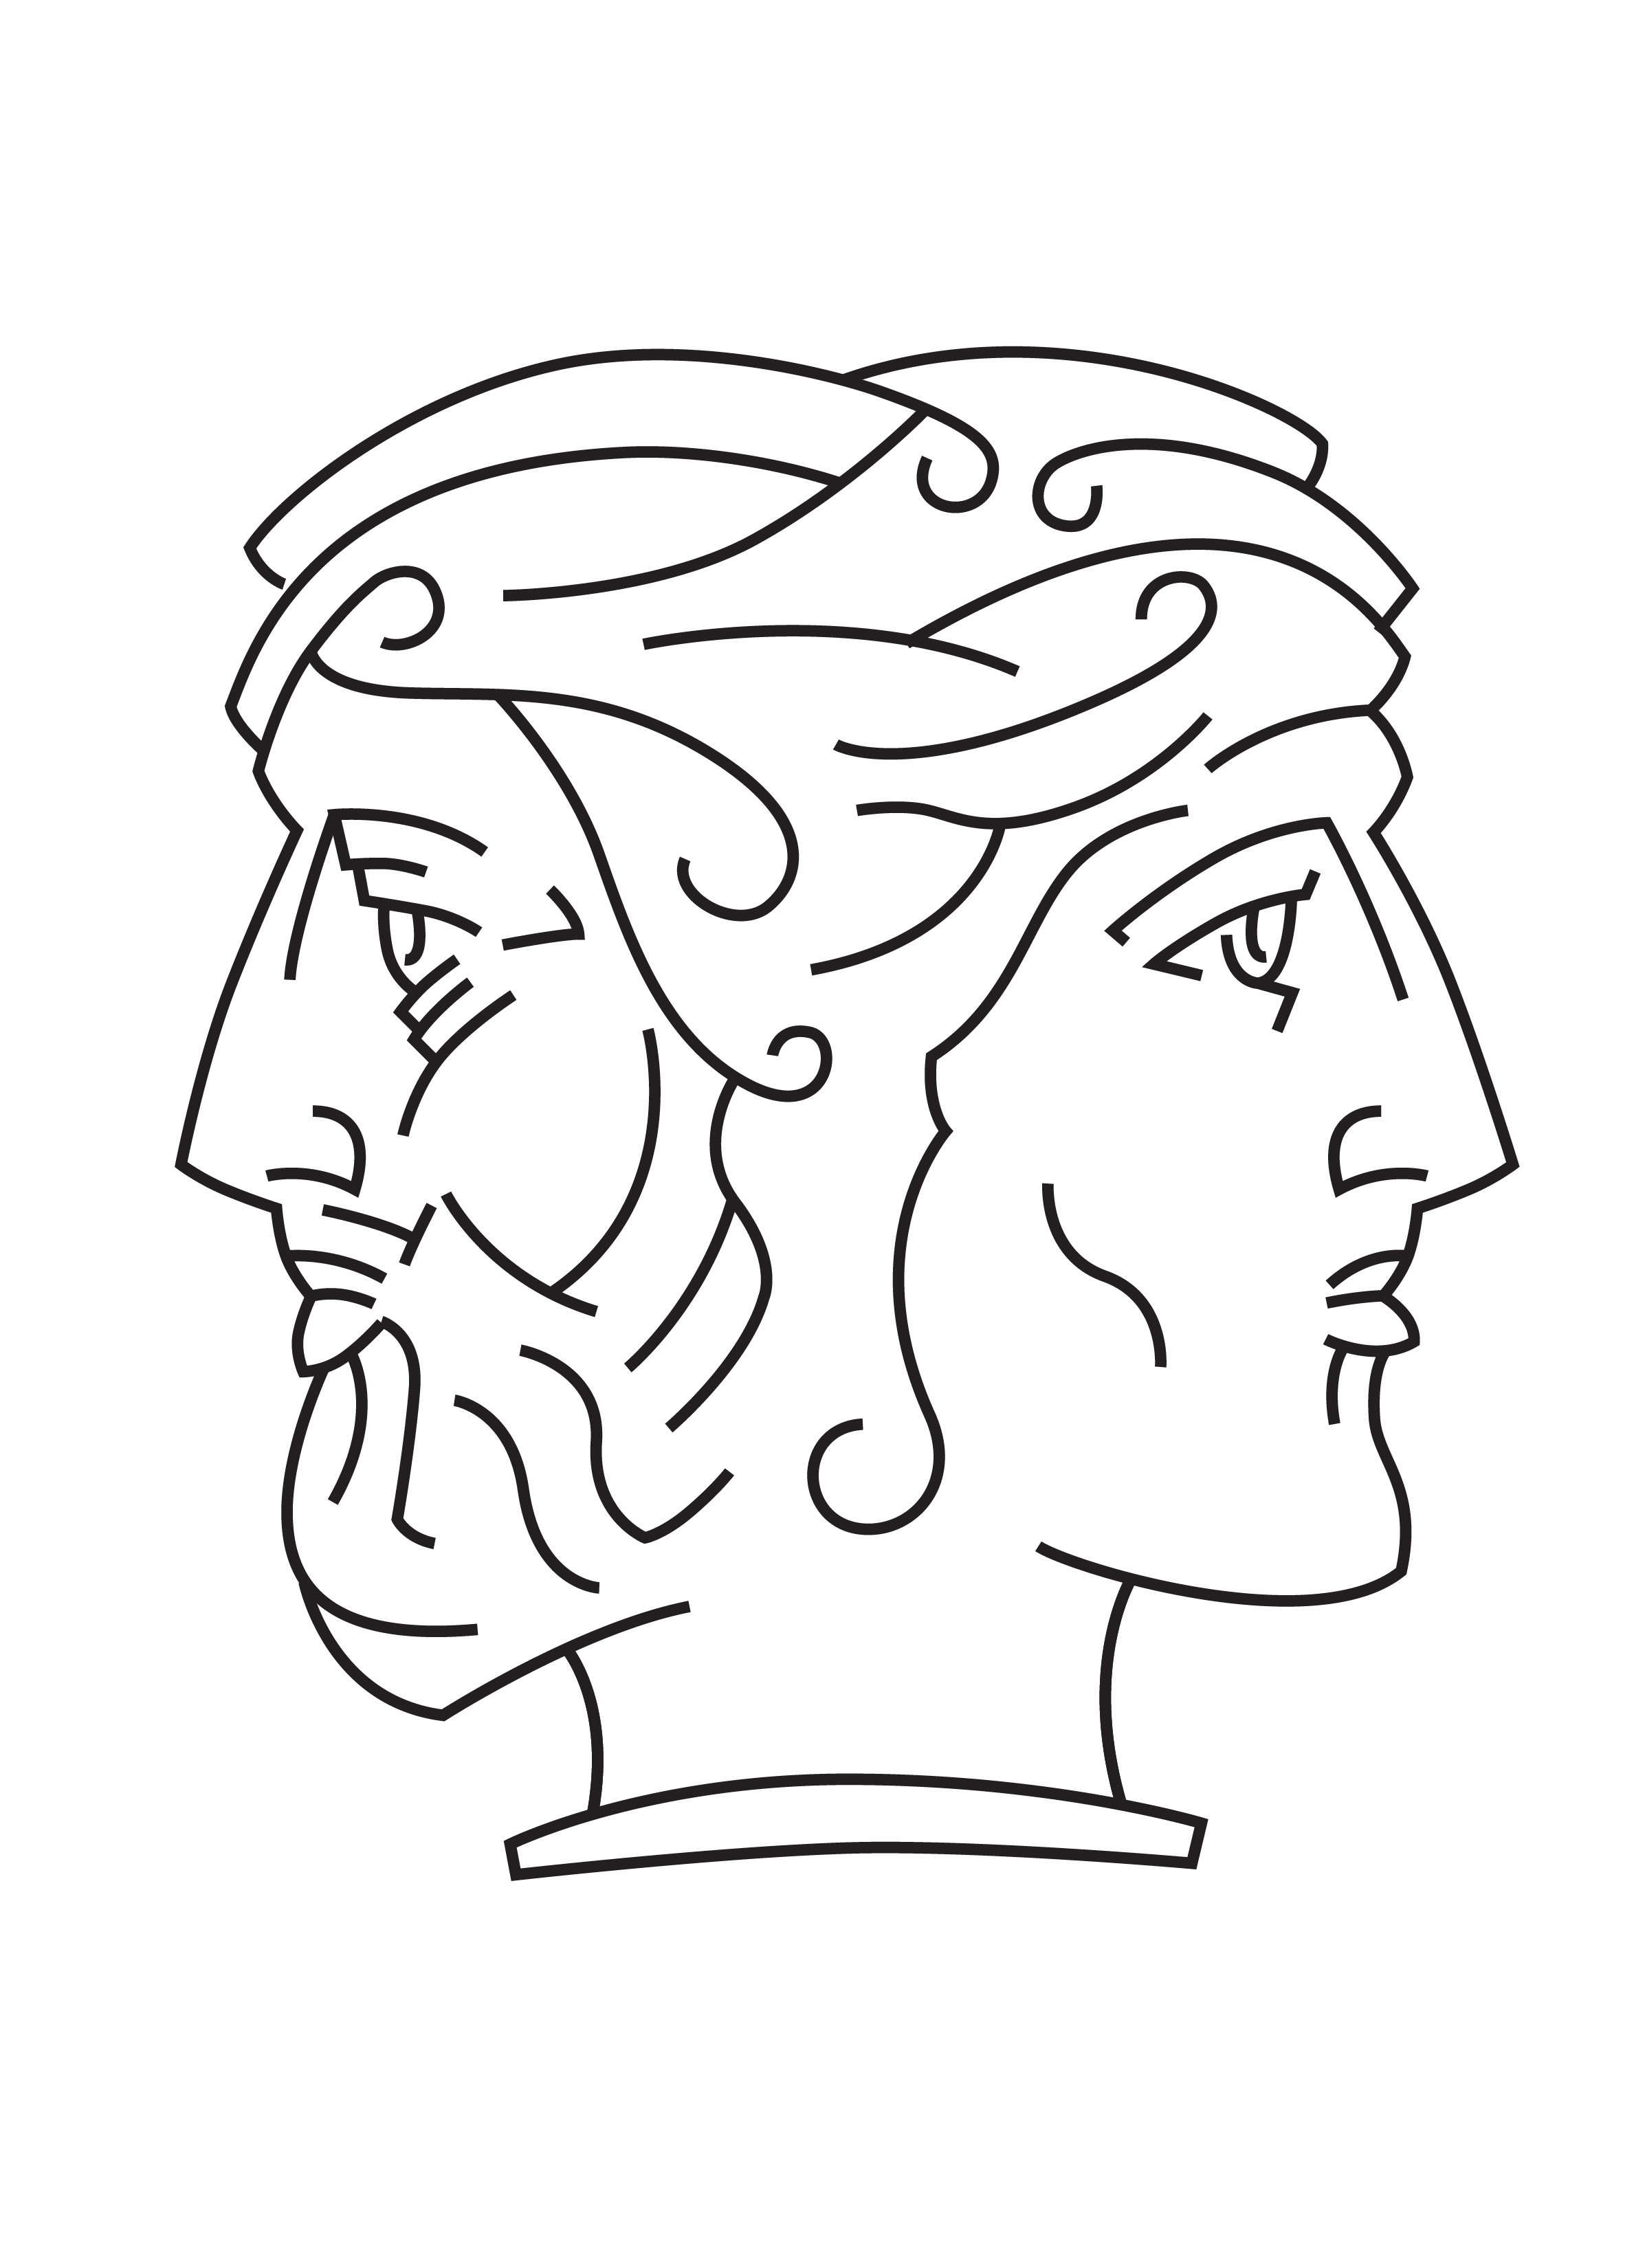 janus-logo-tank-02.jpg